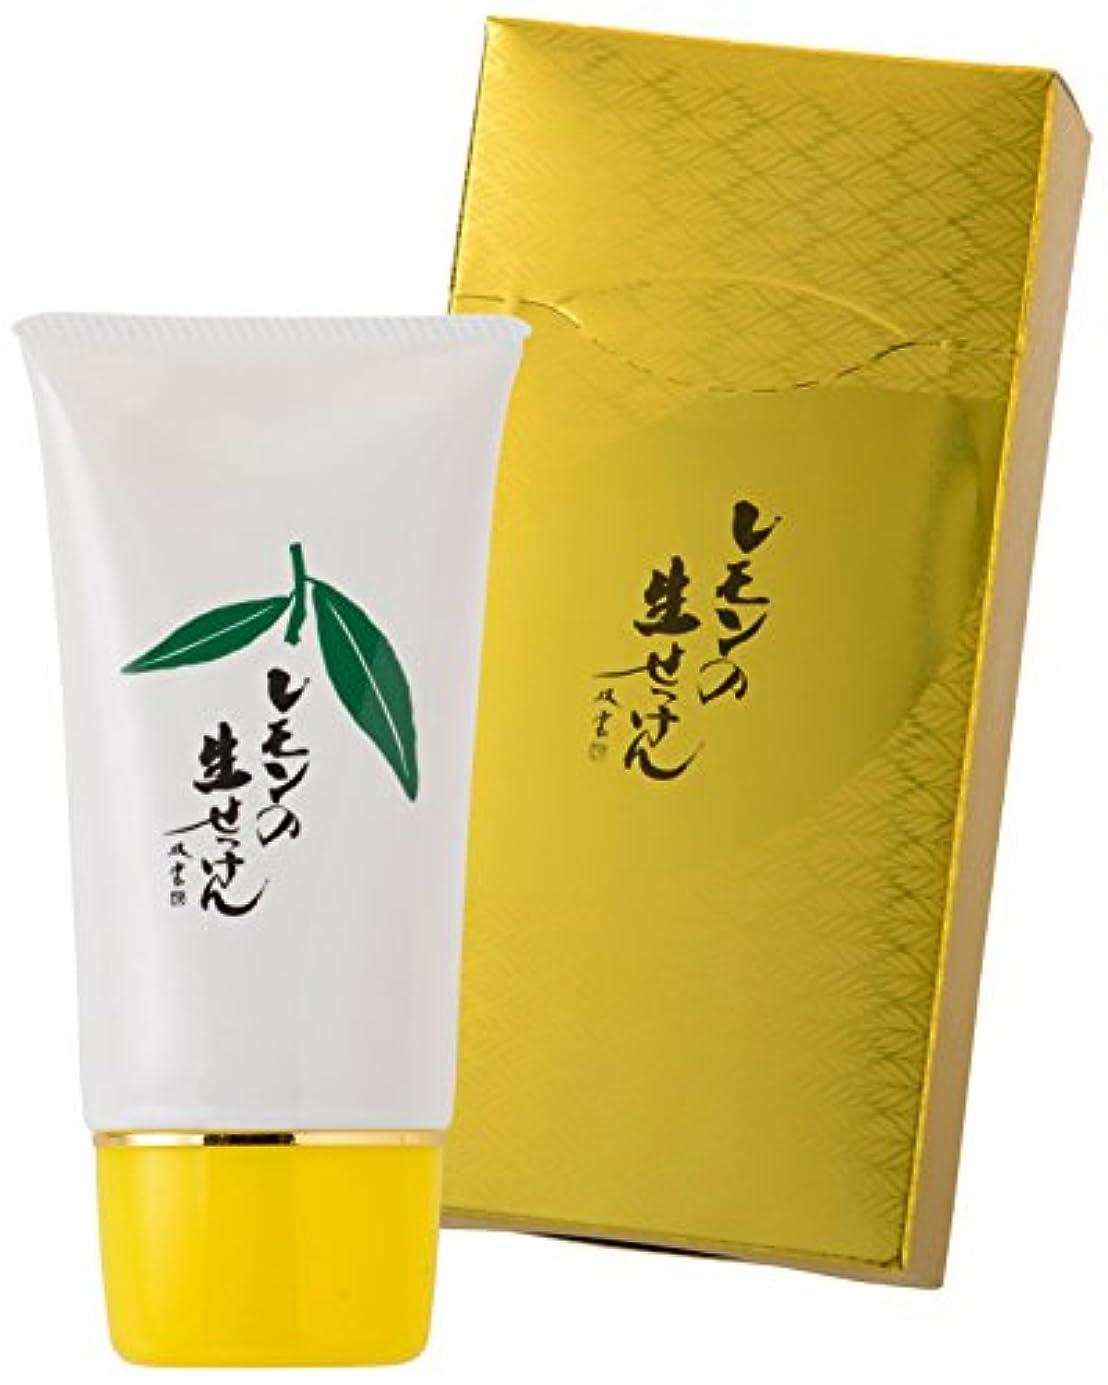 強制写真を描くリスク美香柑 レモンの生せっけん 洗顔石けん 無添加 泡立てネット付 チューブタイプ 70g